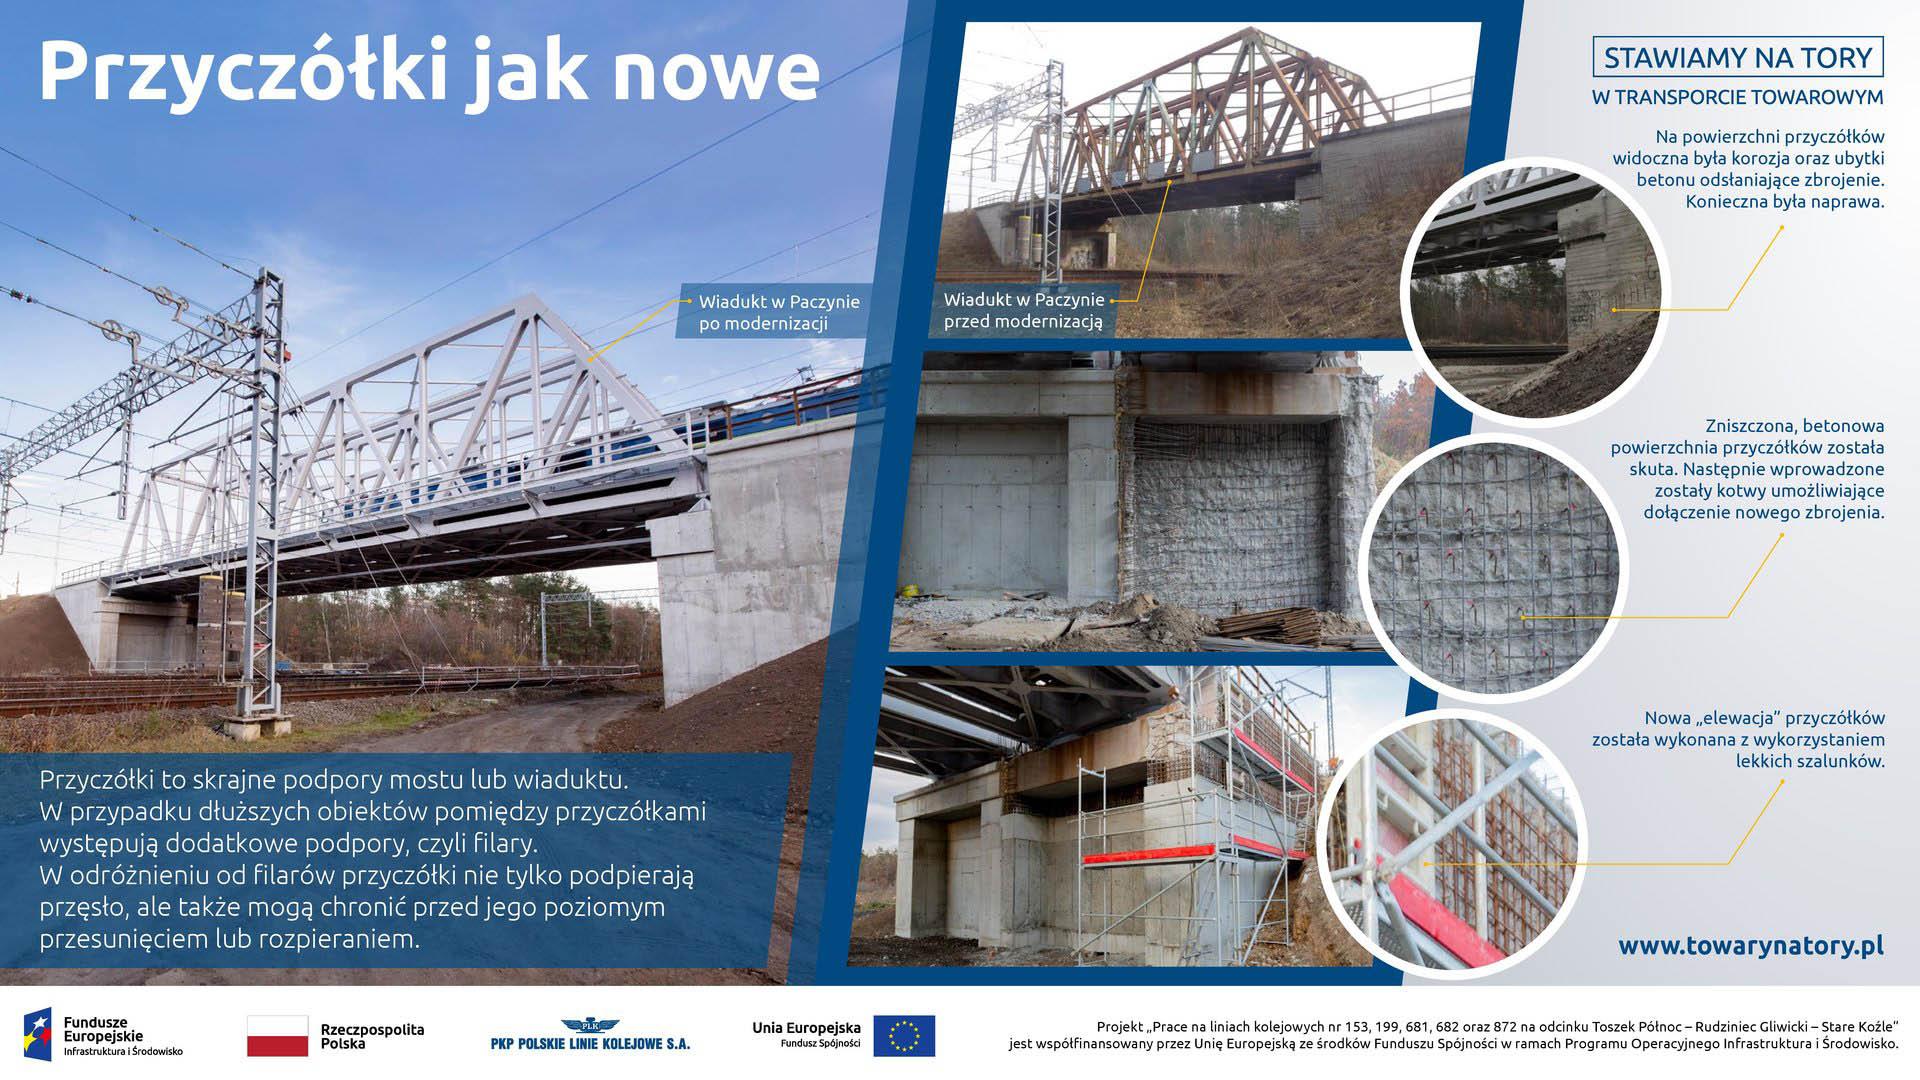 Infografika mówi o przyczółkach na wiadukcie w Paczynie. Informuje ze przyczółki to skrajne podpory mostu lub wiaduktu. W Paczynie po modernizacji usunięto rdze i  ubytki w betonie.